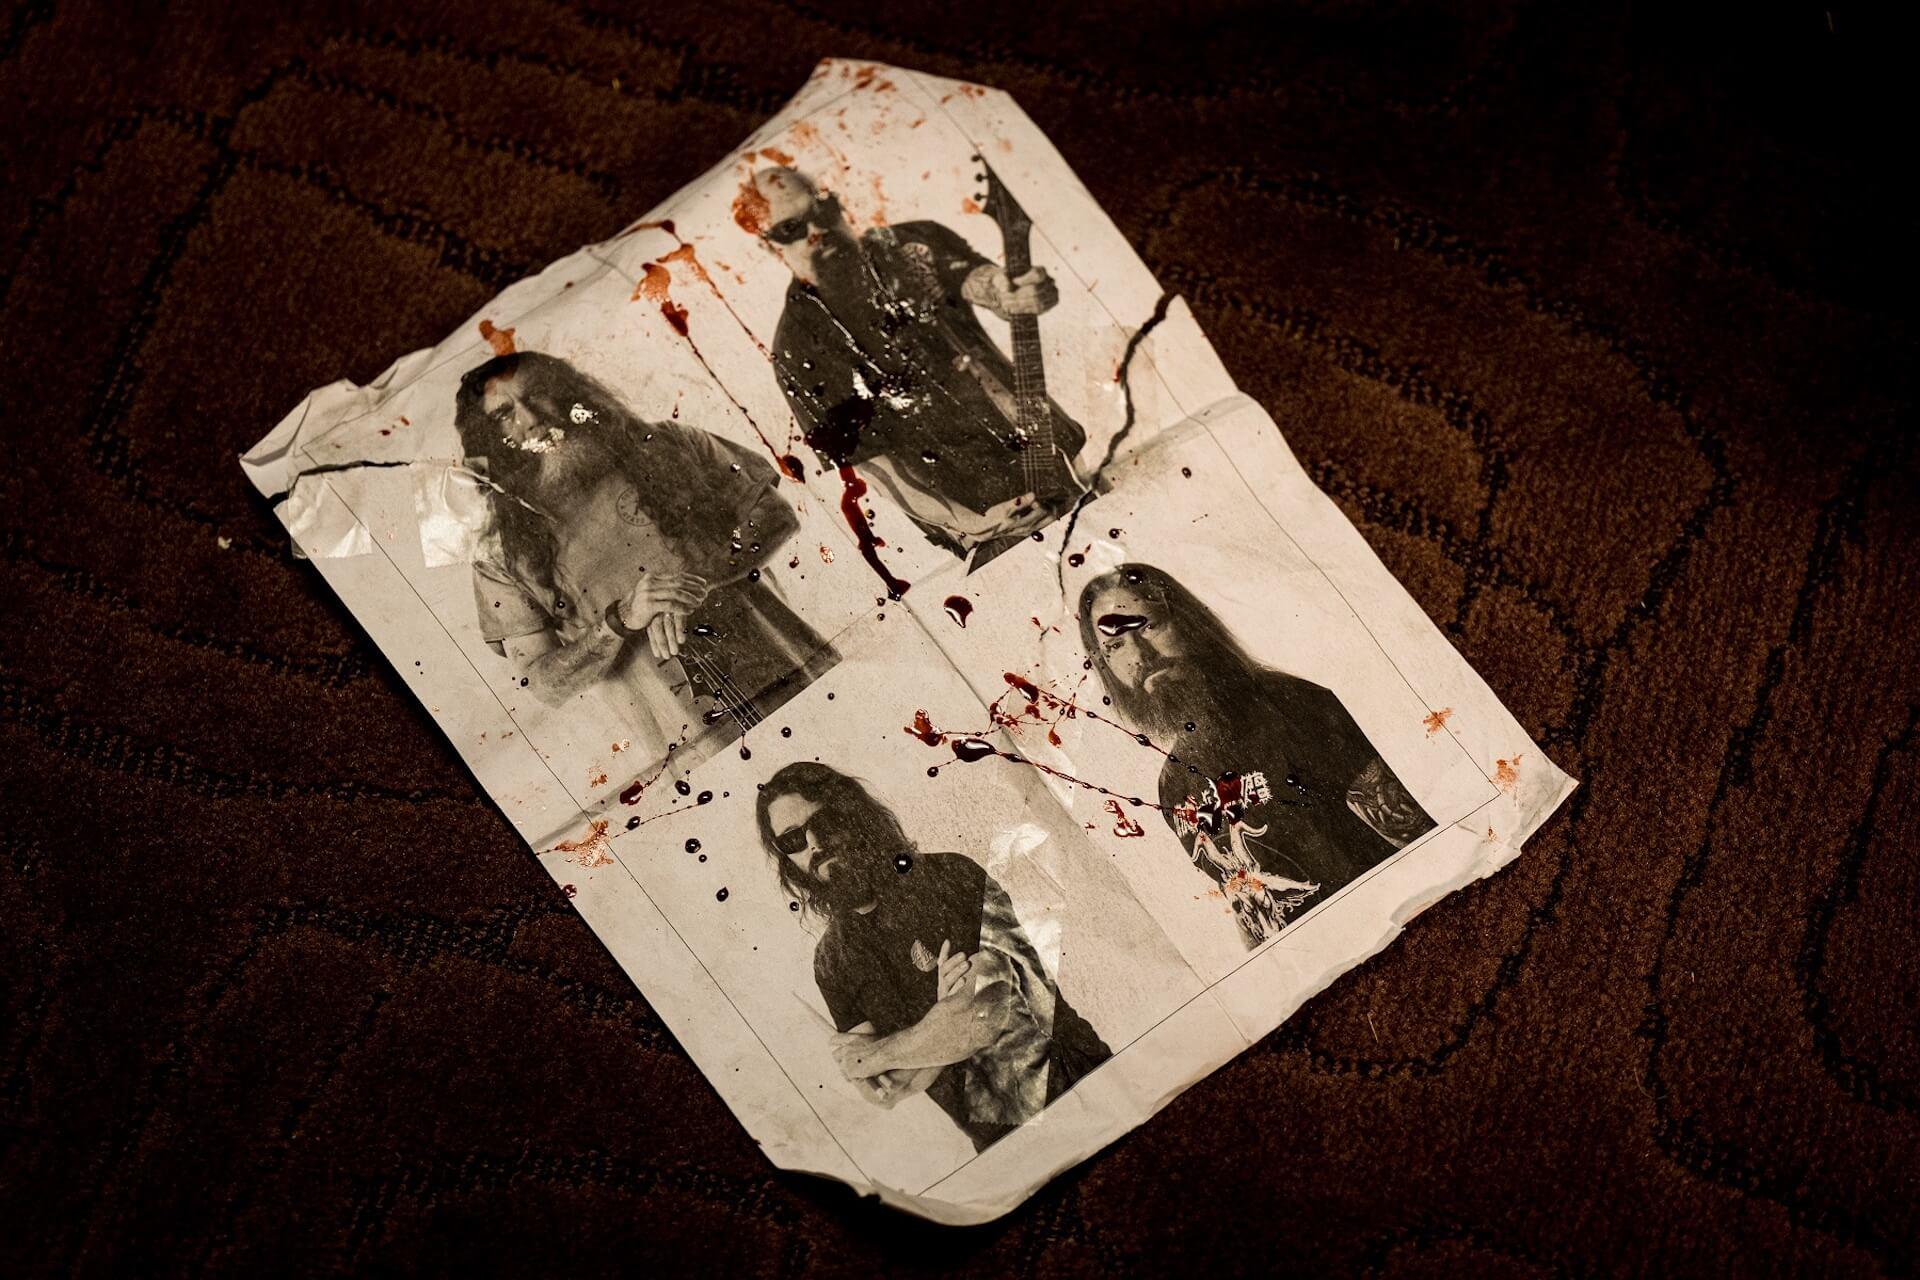 【チケプレ!】スレイヤーの轟音上映会でヘッドバンギング!ライブ・フィルム『SLAYER:THE REPENTLESS KILLOGY』のZepp上映会に計10組20名様をご招待! film191225_slayer_film_5